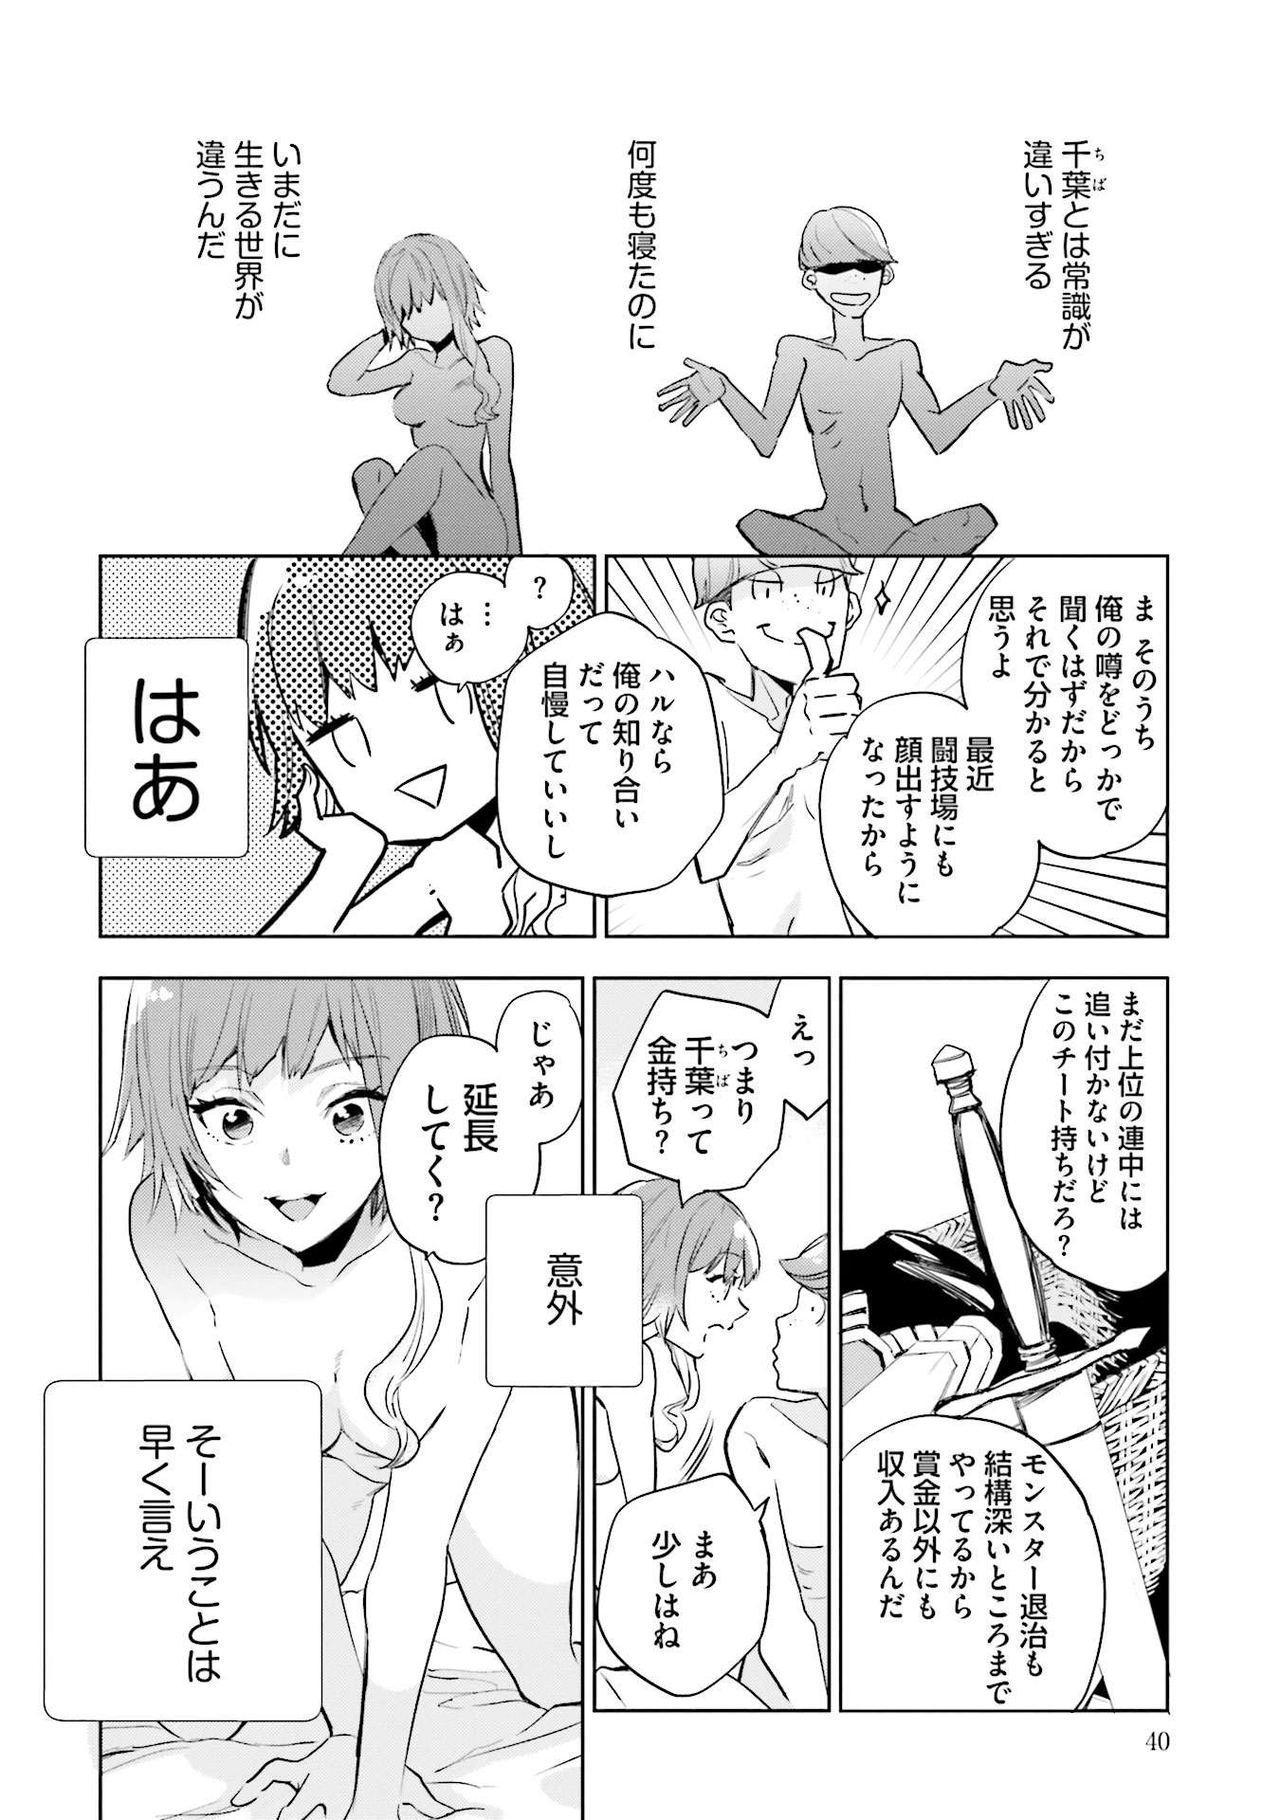 JK Haru wa Isekai de Shoufu ni Natta 1-14 41